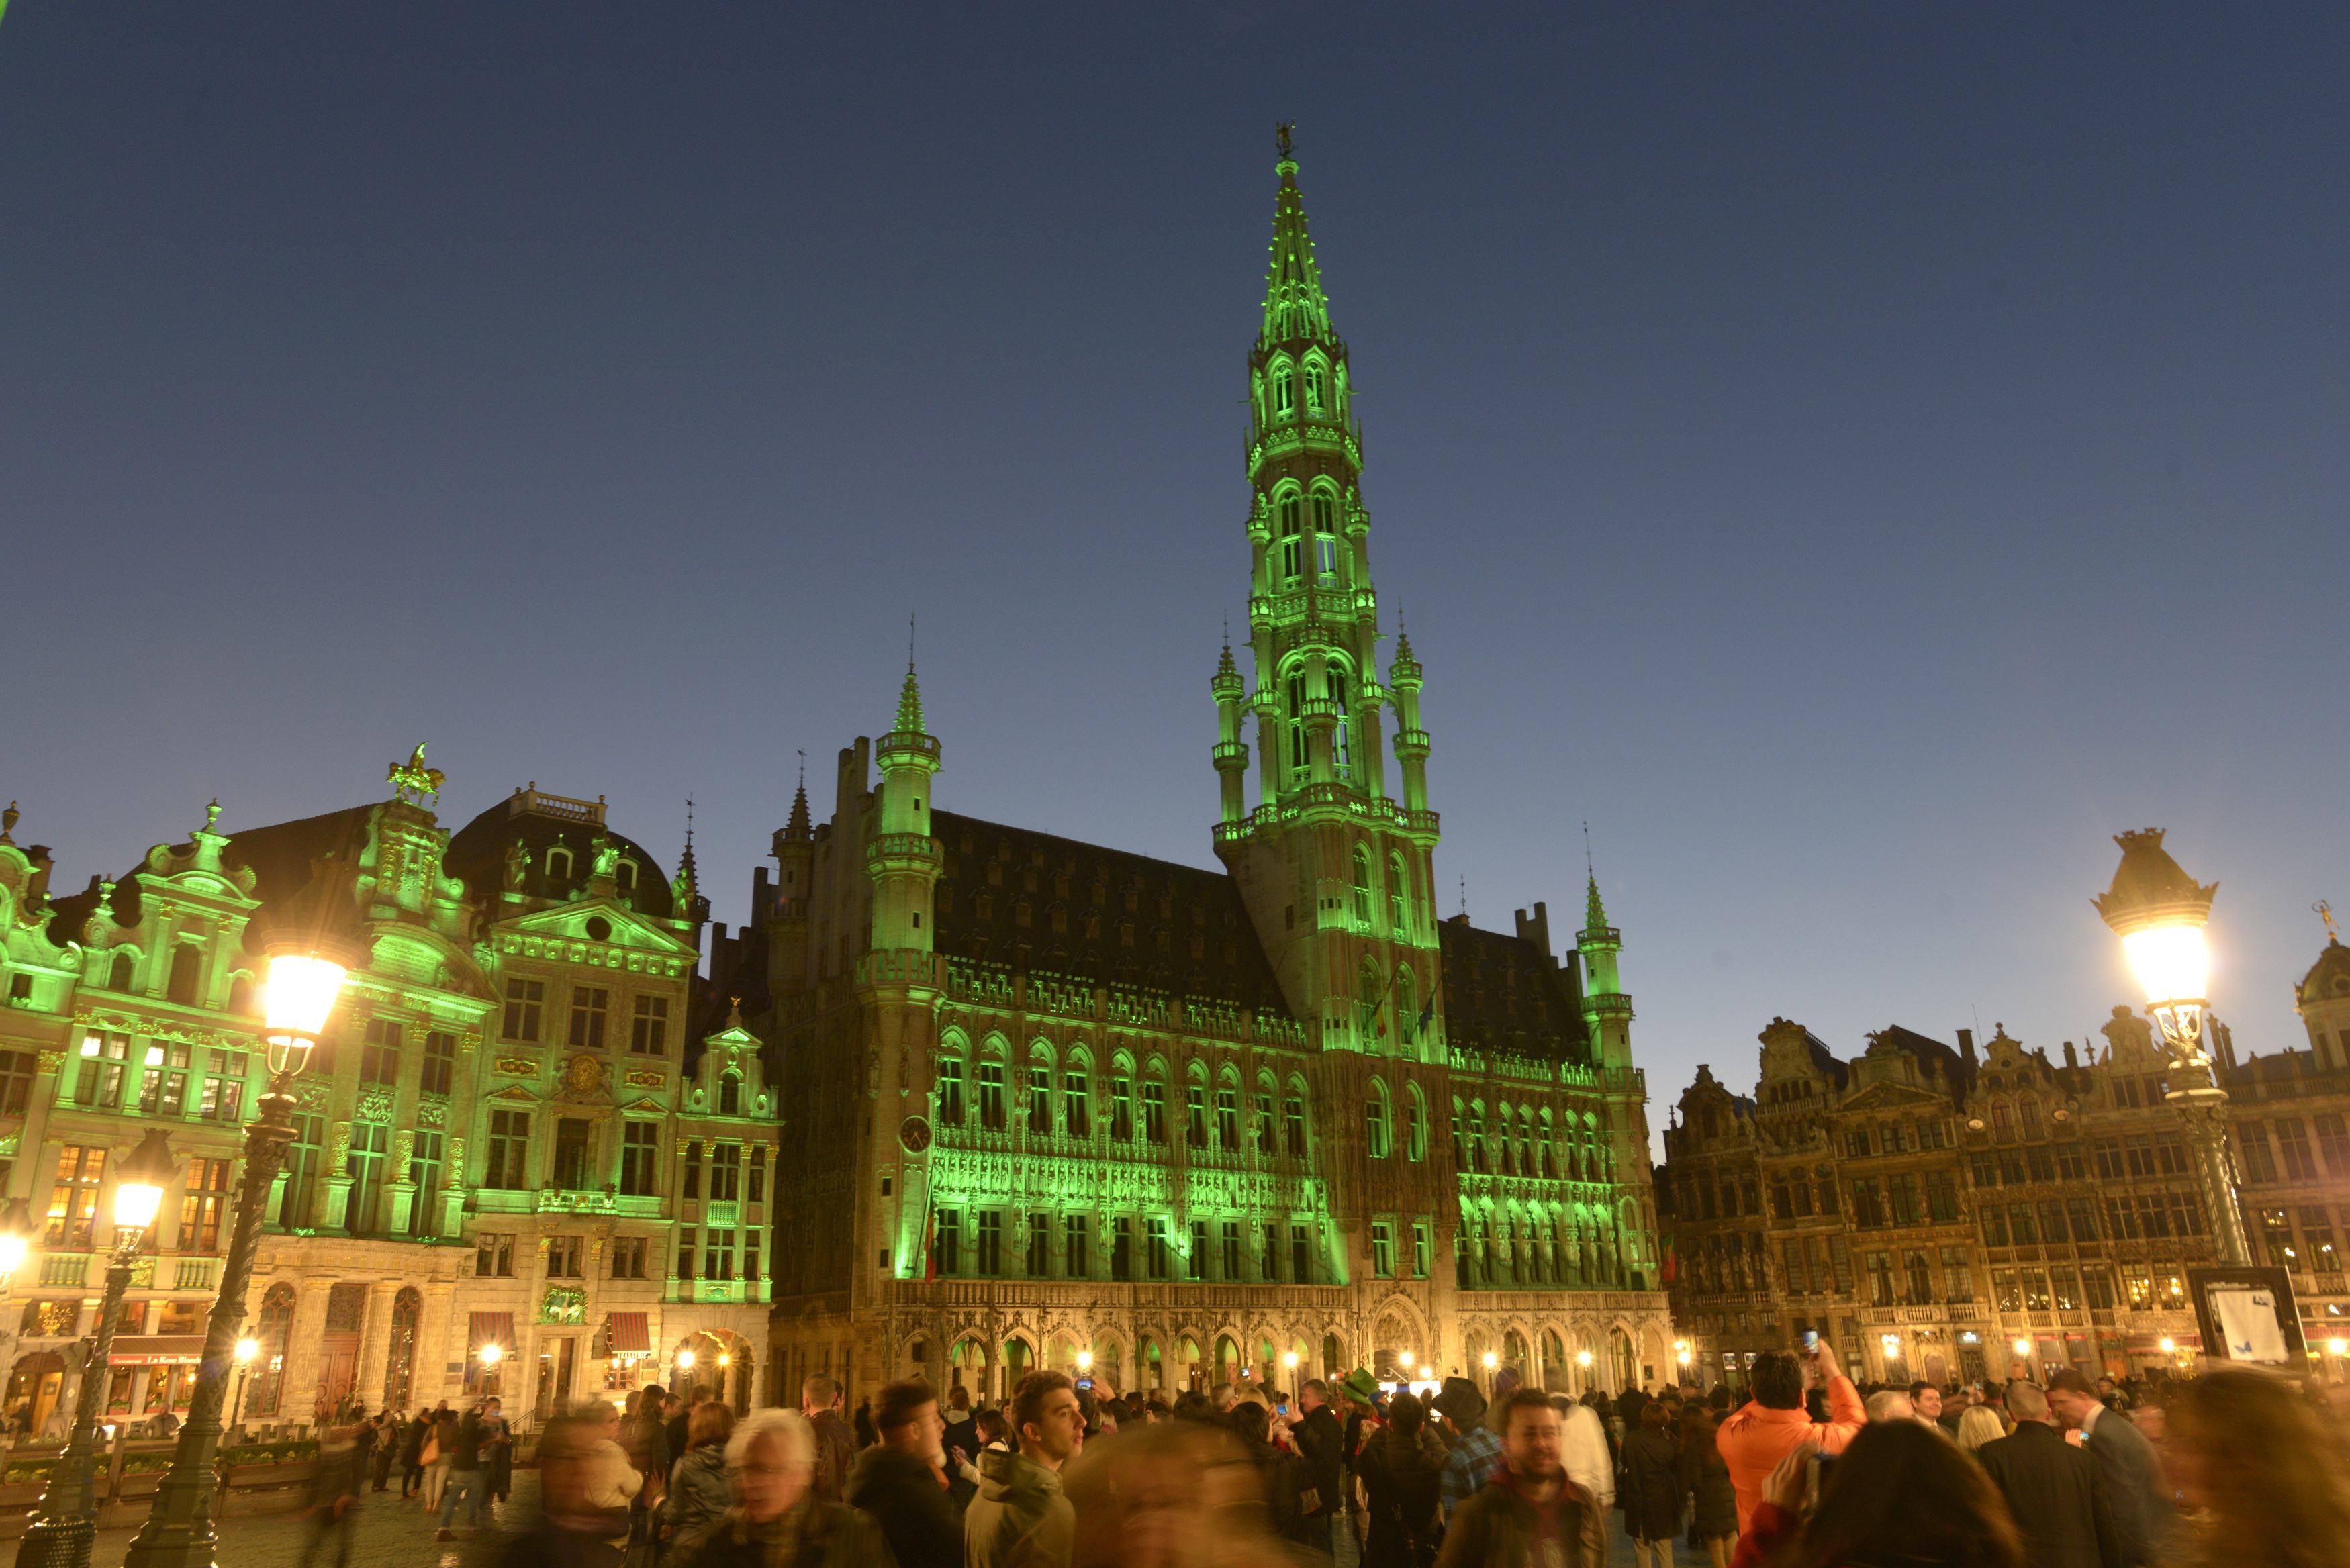 Palácio de Bruxelas, na Bélgica, ganha tons verdes em comemoração ao dia de São Patrício | Eric Vidal/Reuters